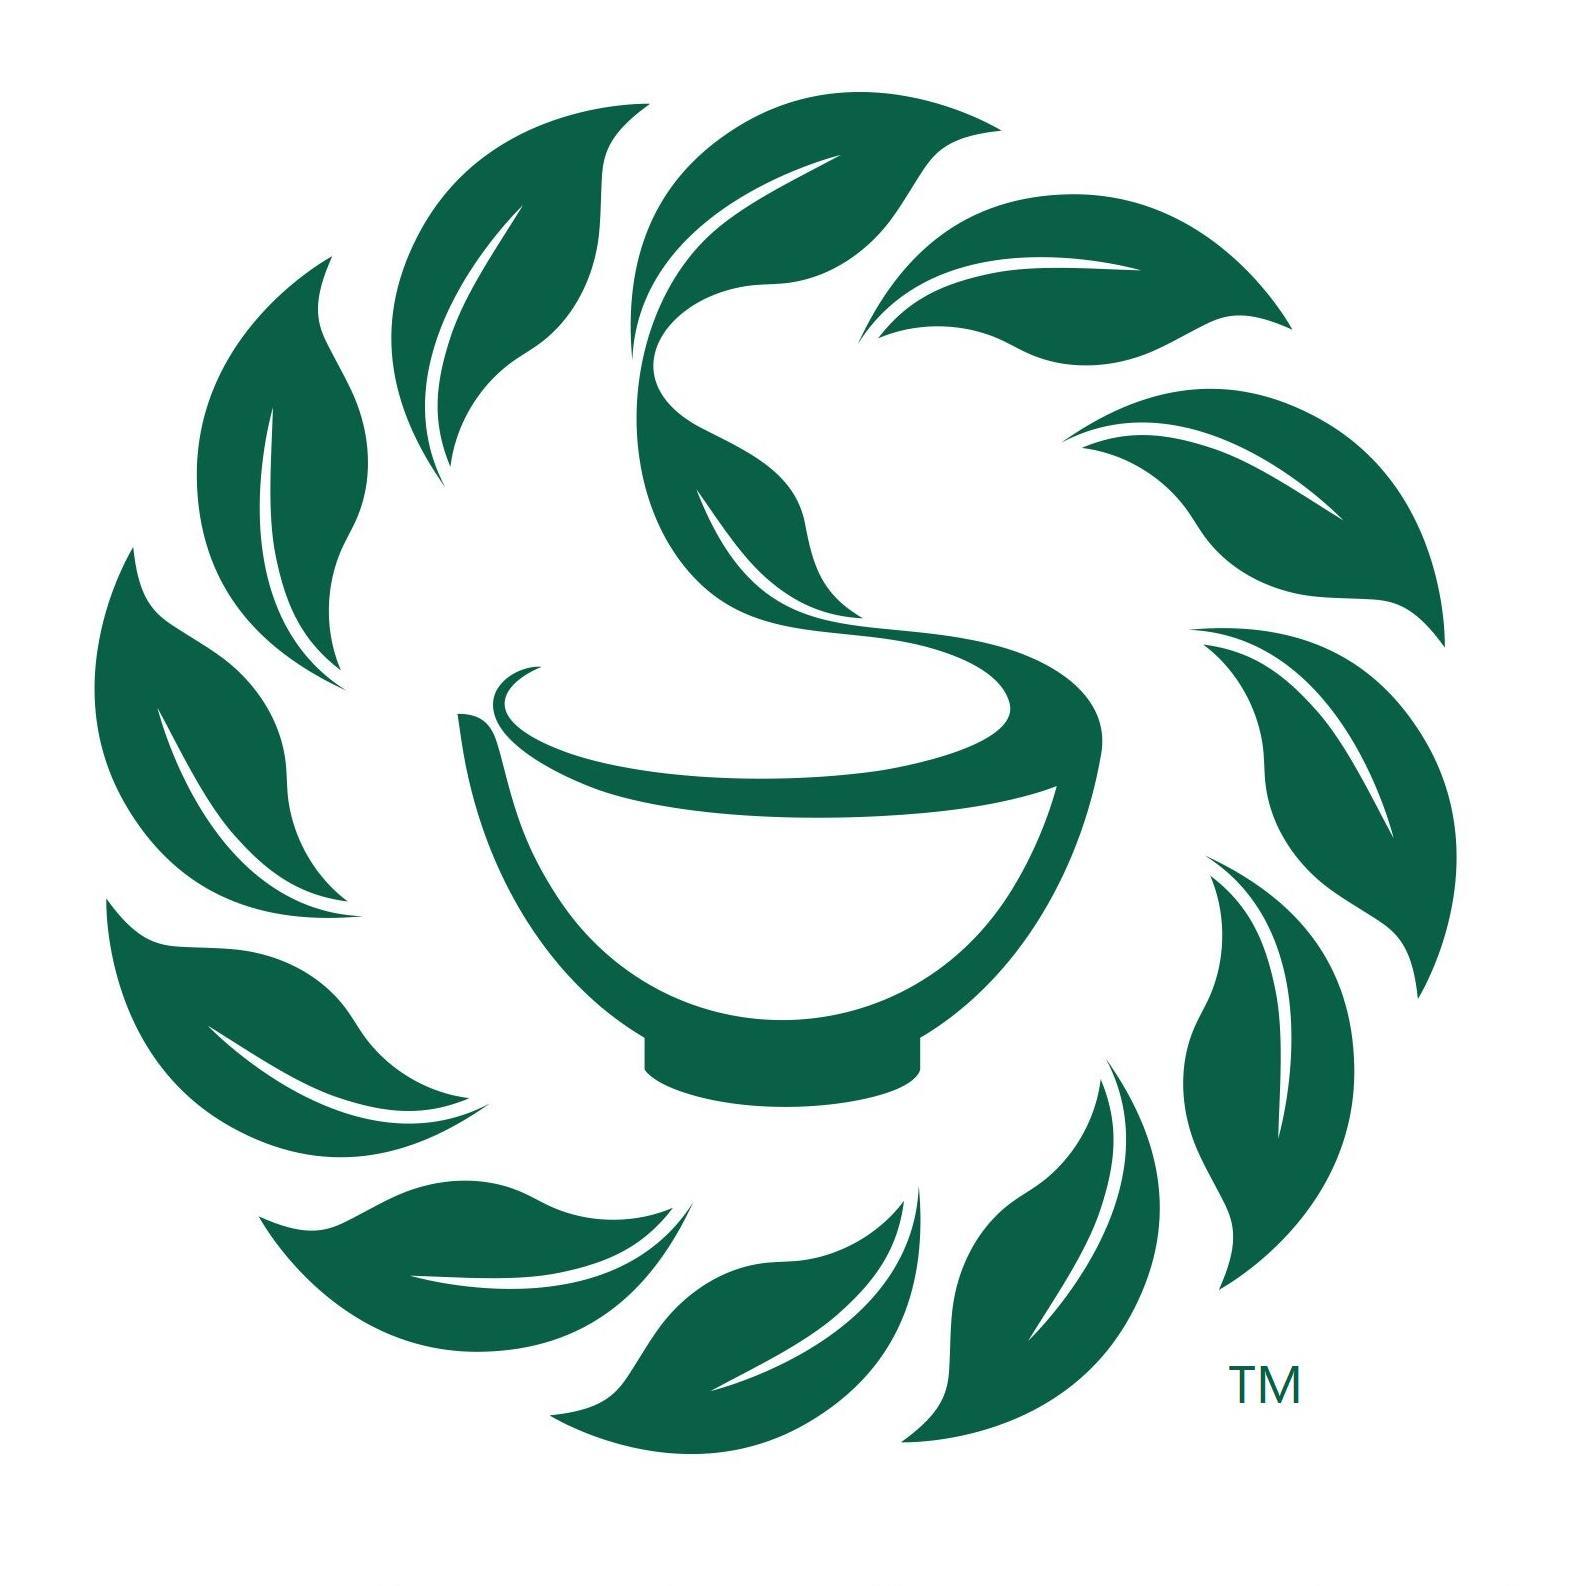 logo logo 标志 设计 矢量 矢量图 素材 图标 1586_1586